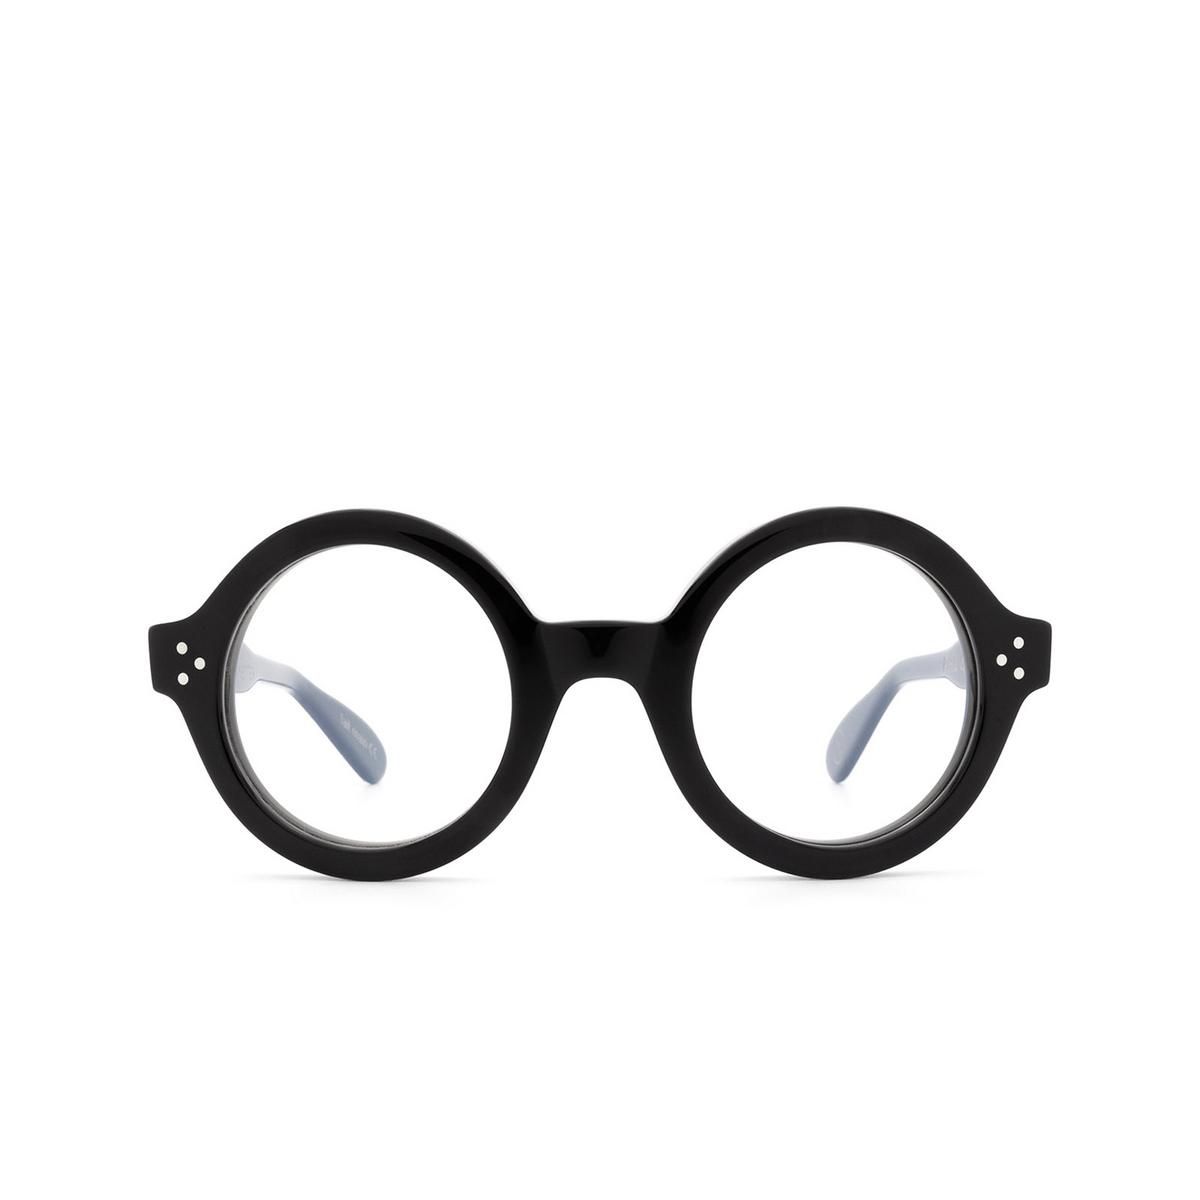 Lesca® Round Eyeglasses: Phil color Black 5 - front view.